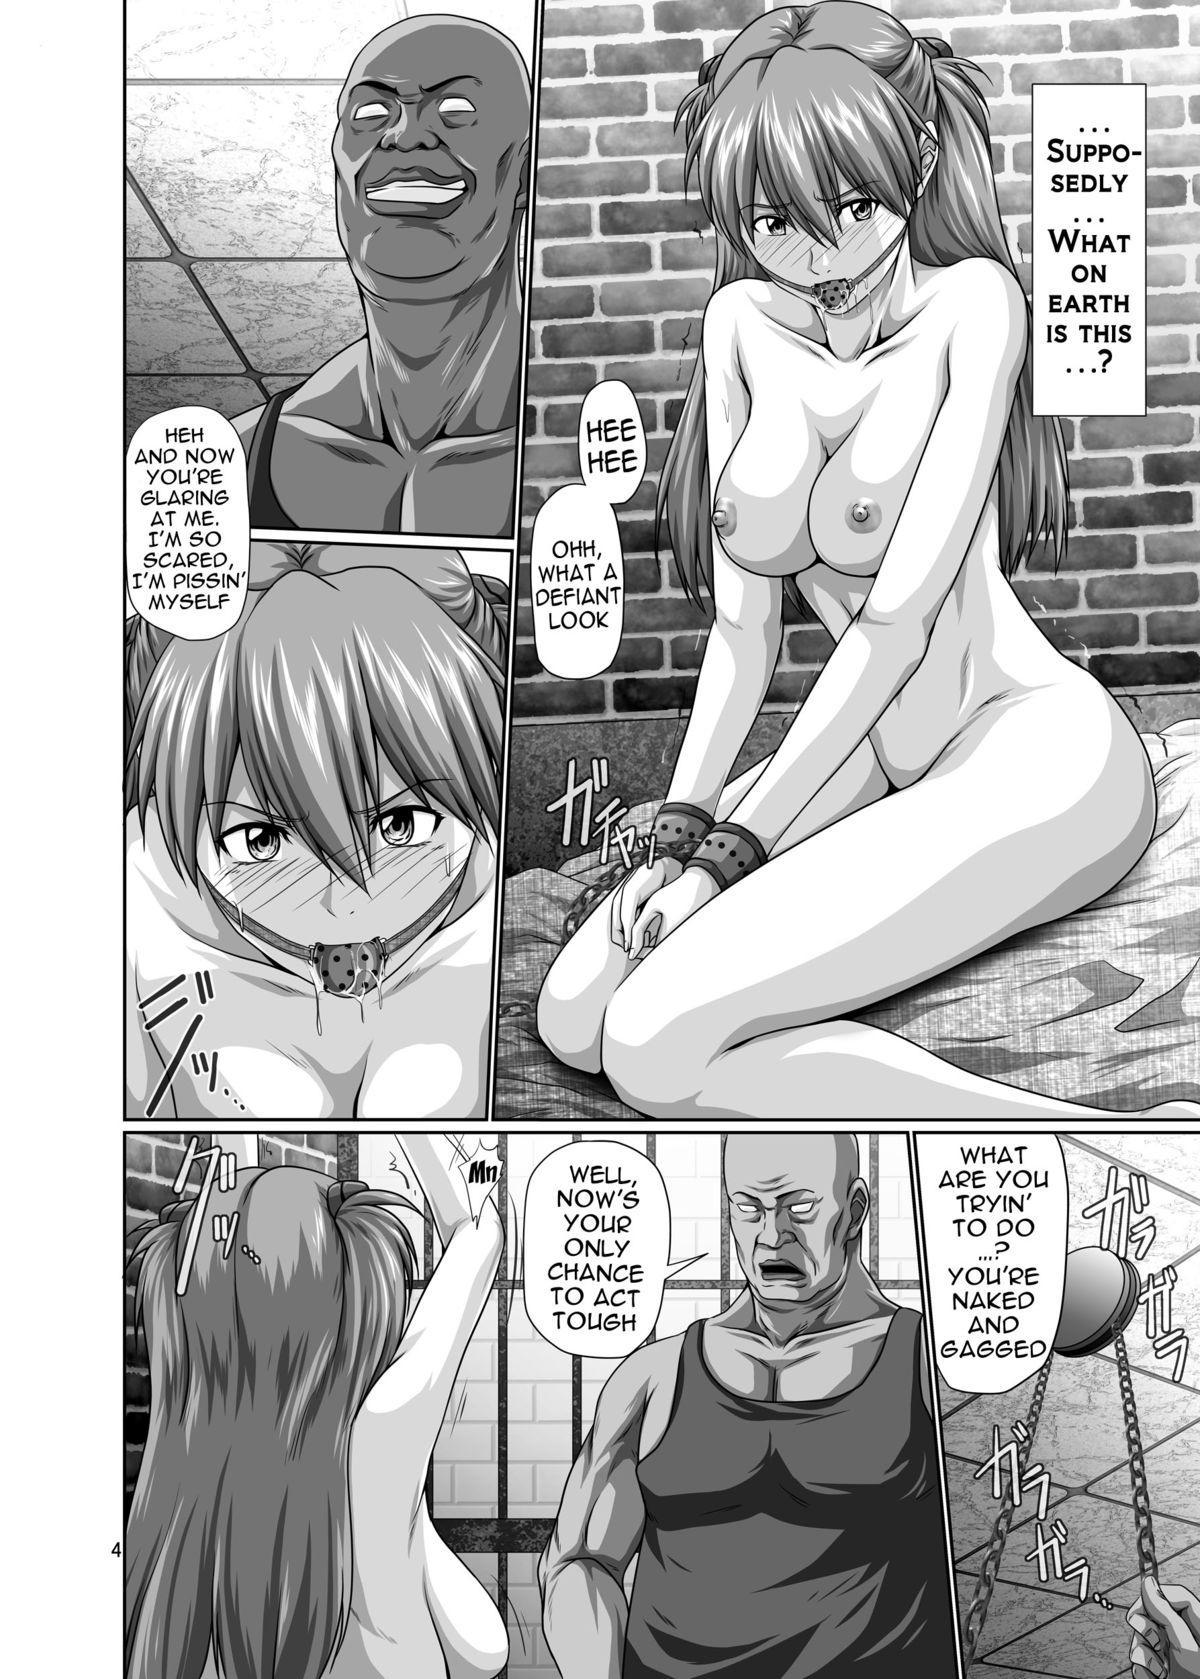 Seiteki Yokkyou Hokan Keikaku San | Sexual Desire Fulfillment Plan 2